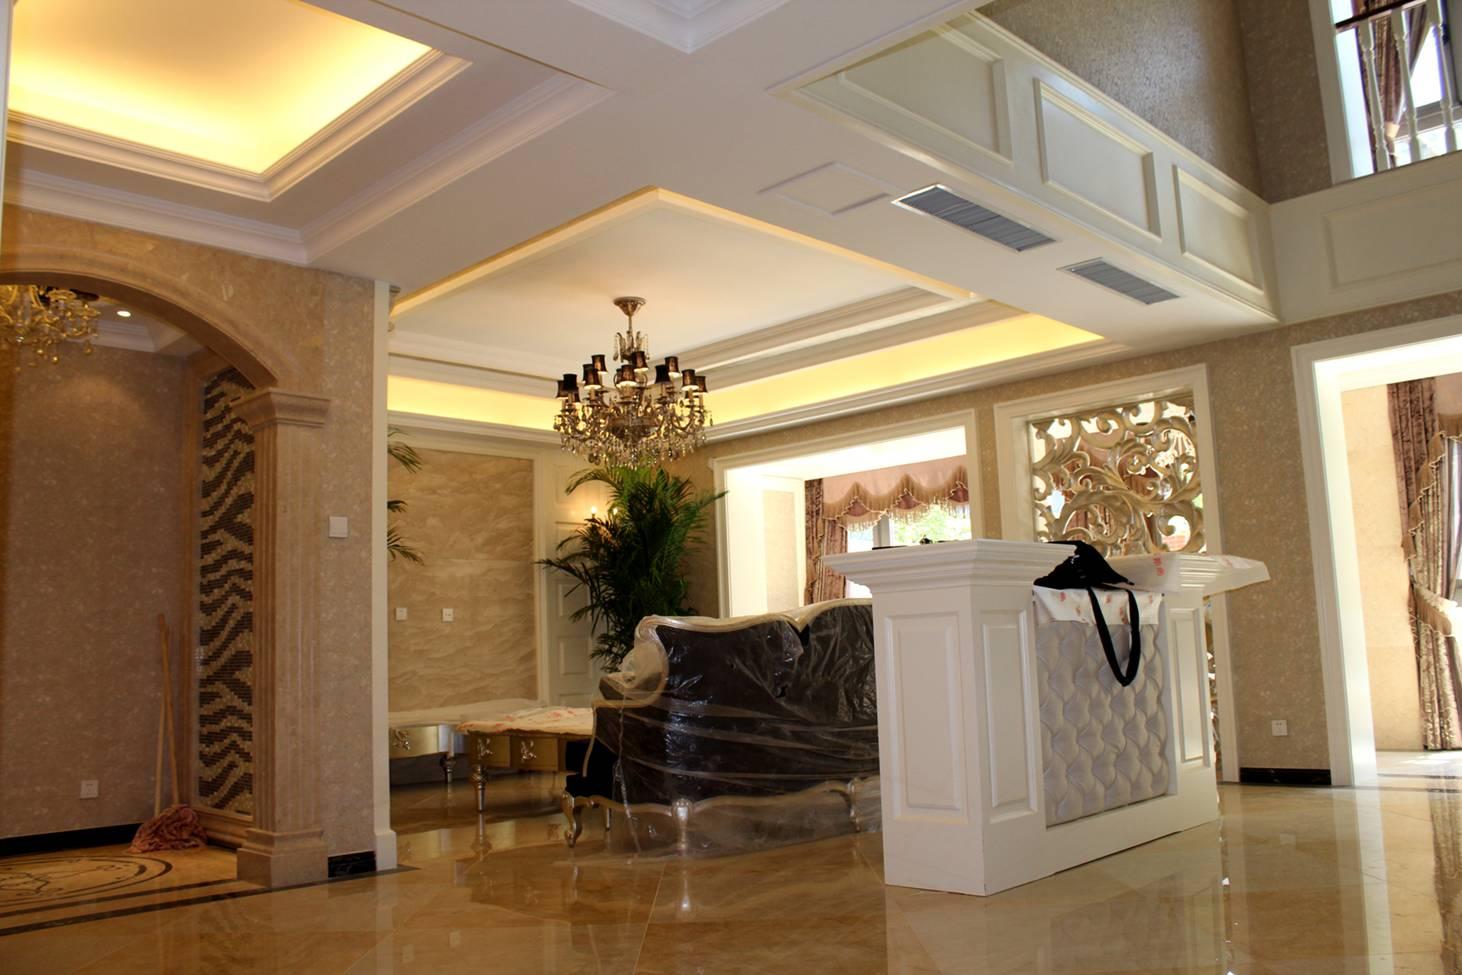 别墅 小资 欧式 简约 客厅图片来自东易力天装饰在联盟新城  别墅的分享